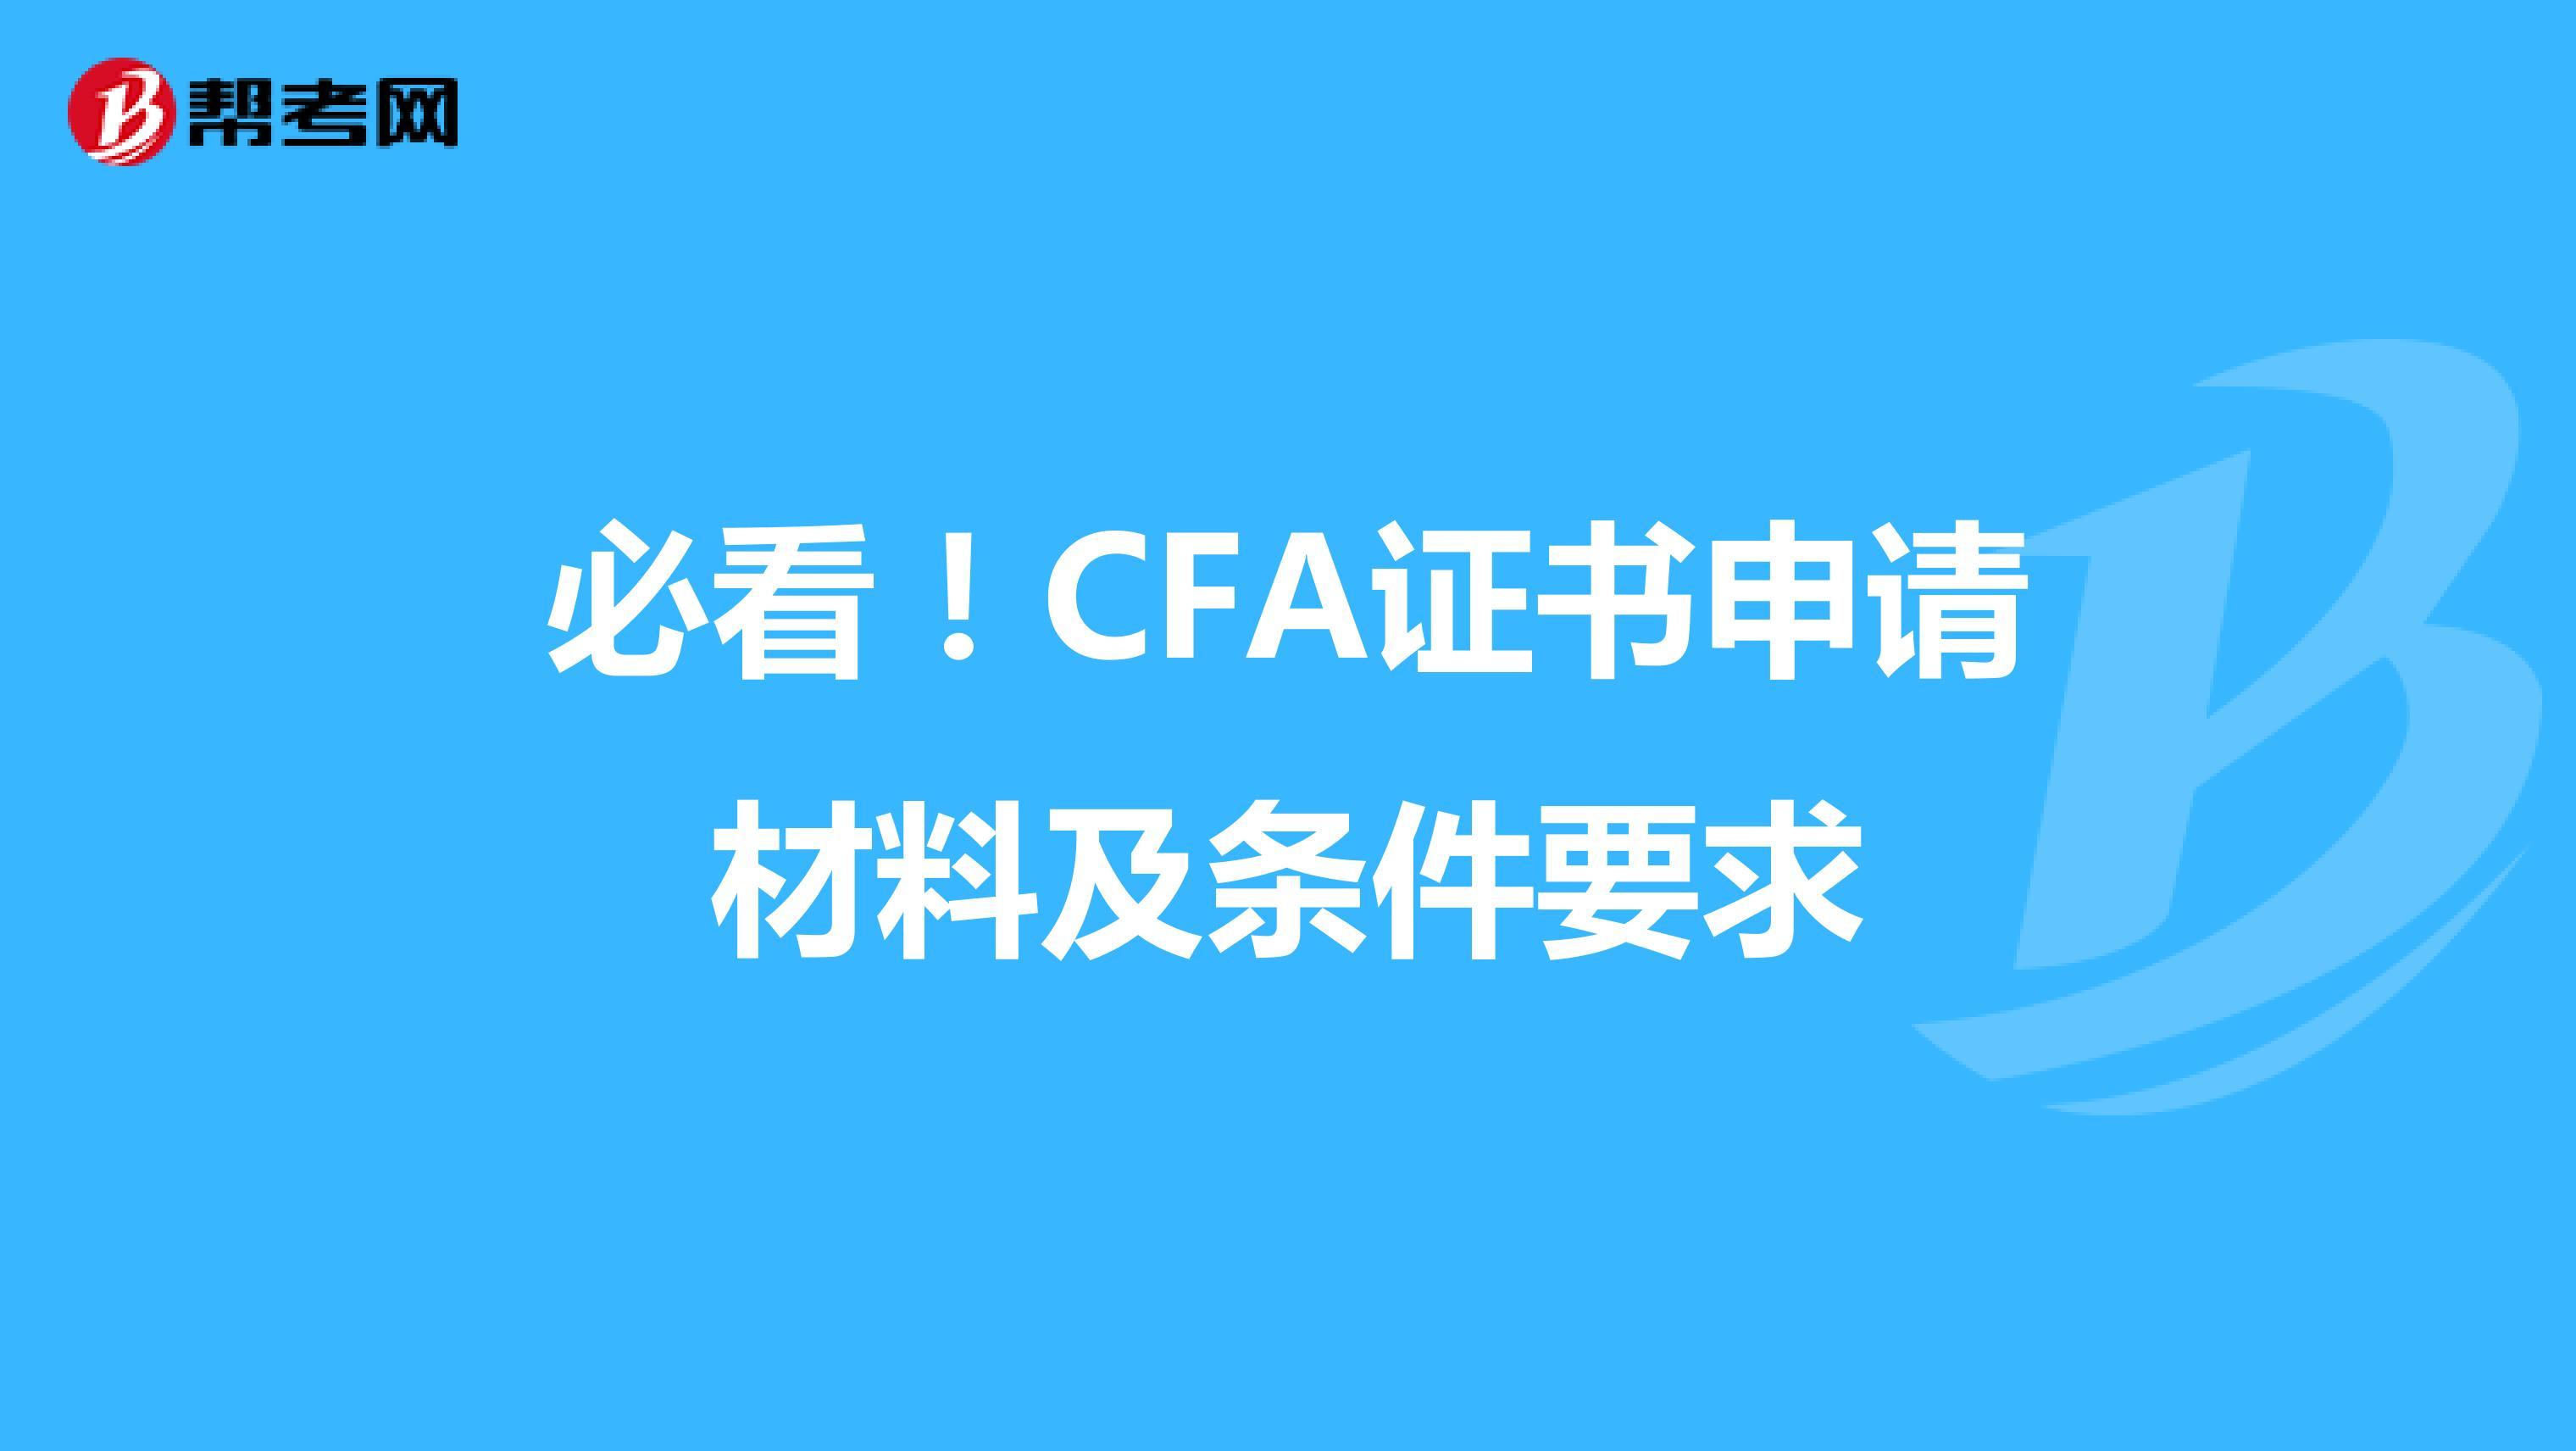 必看!CFA证书申请材料及条件要求